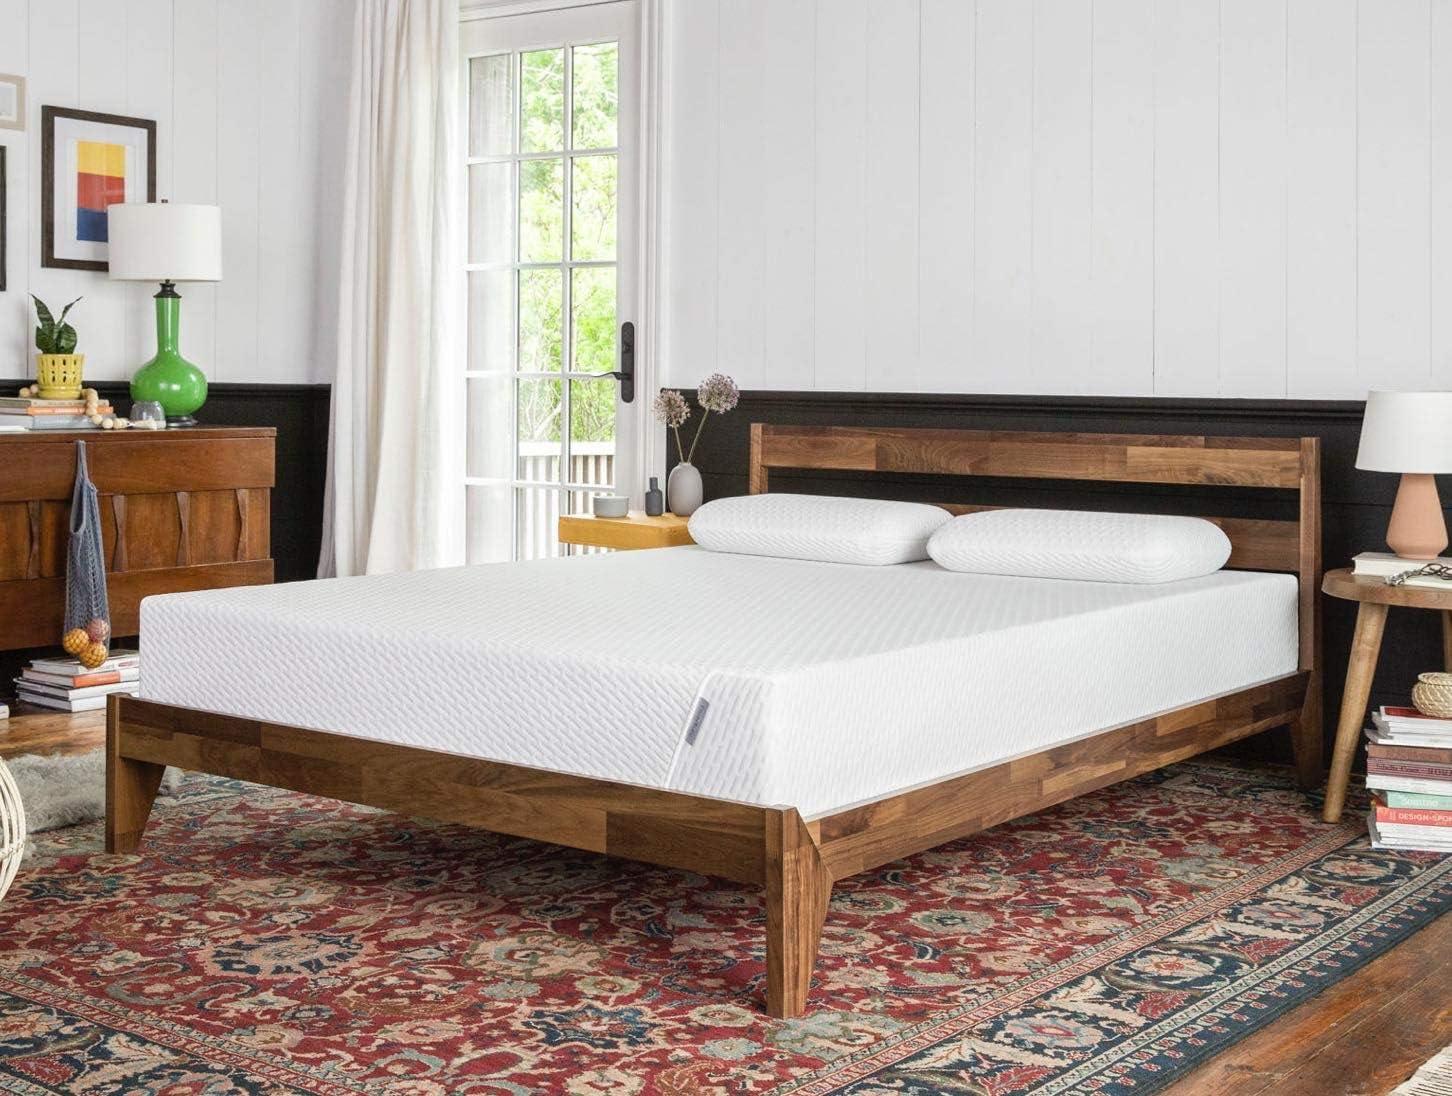 TUFT & NEEDLE Original Mattress - Full + 2 Standard Pillows